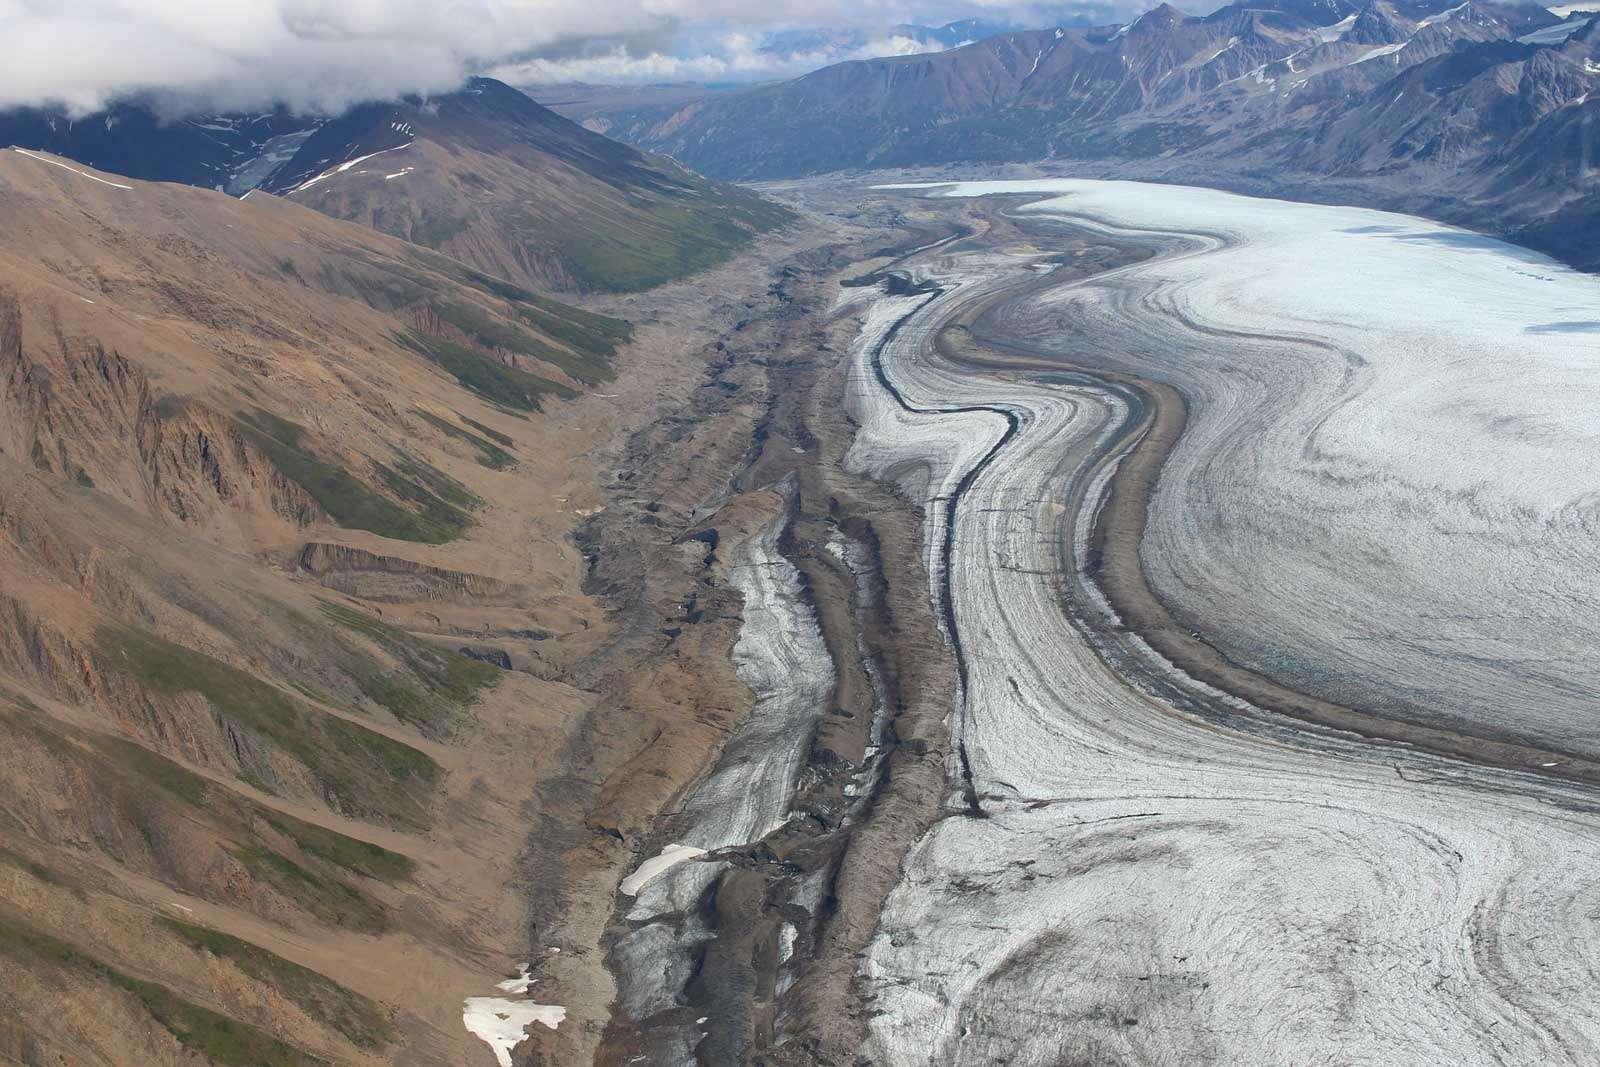 Von den Rockies bis Alaska - Go Wild - Calgary - Whitehorse - Kluane National Park